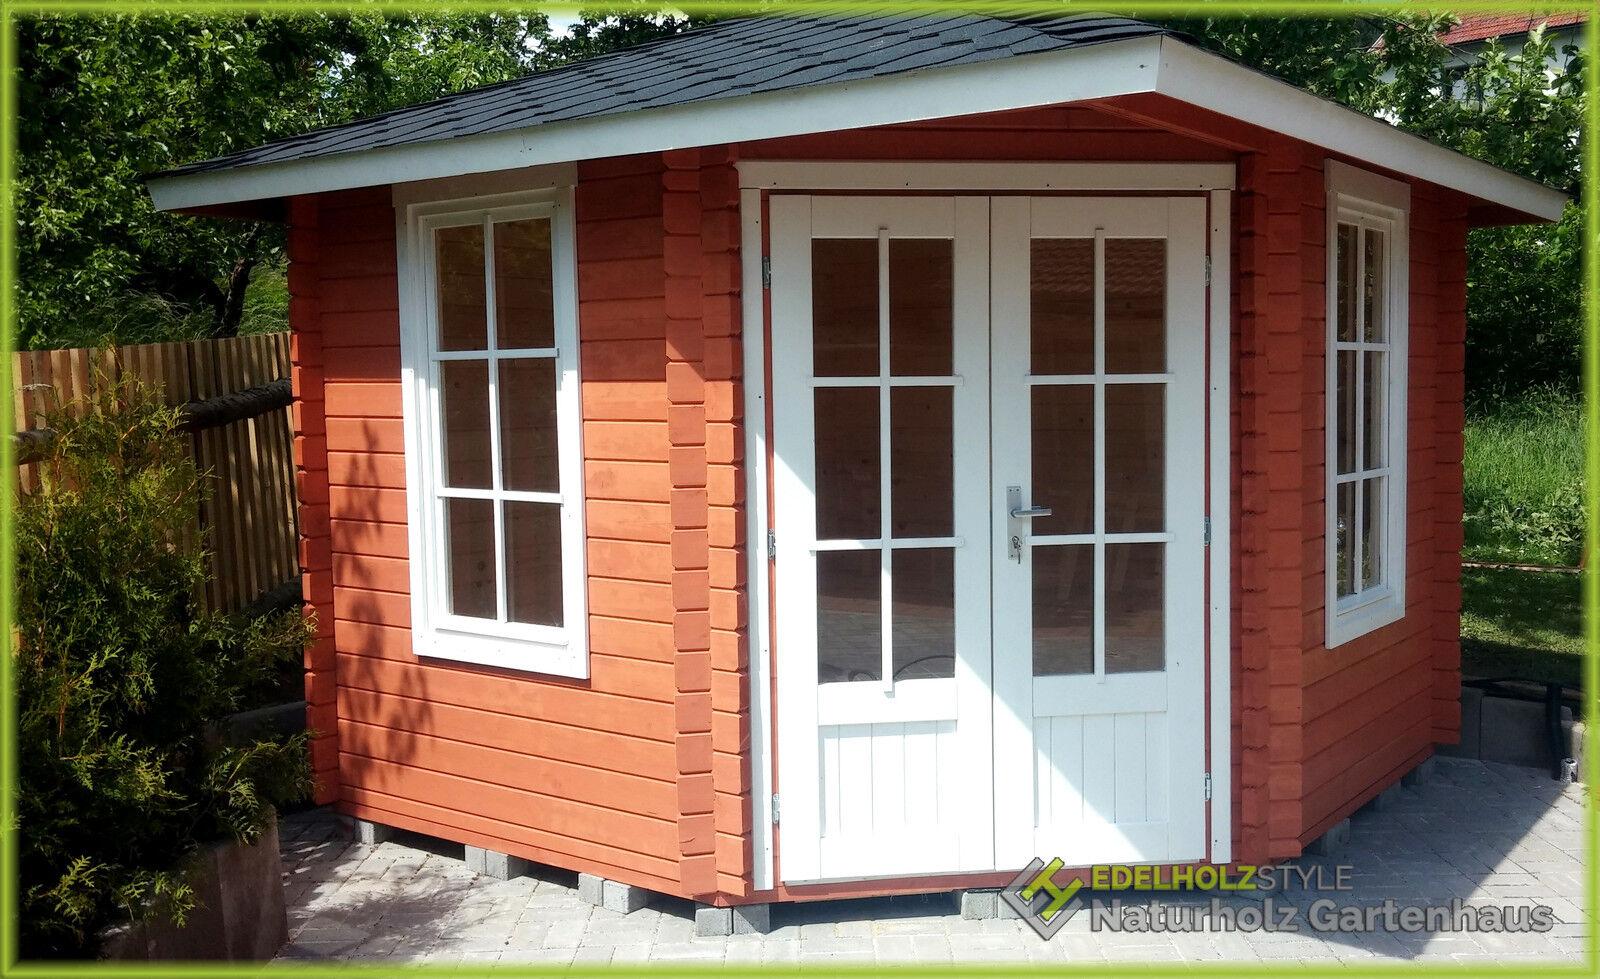 Gartenhaus aus holz mit fu boden blockhaus for Blockhaus gartenhaus